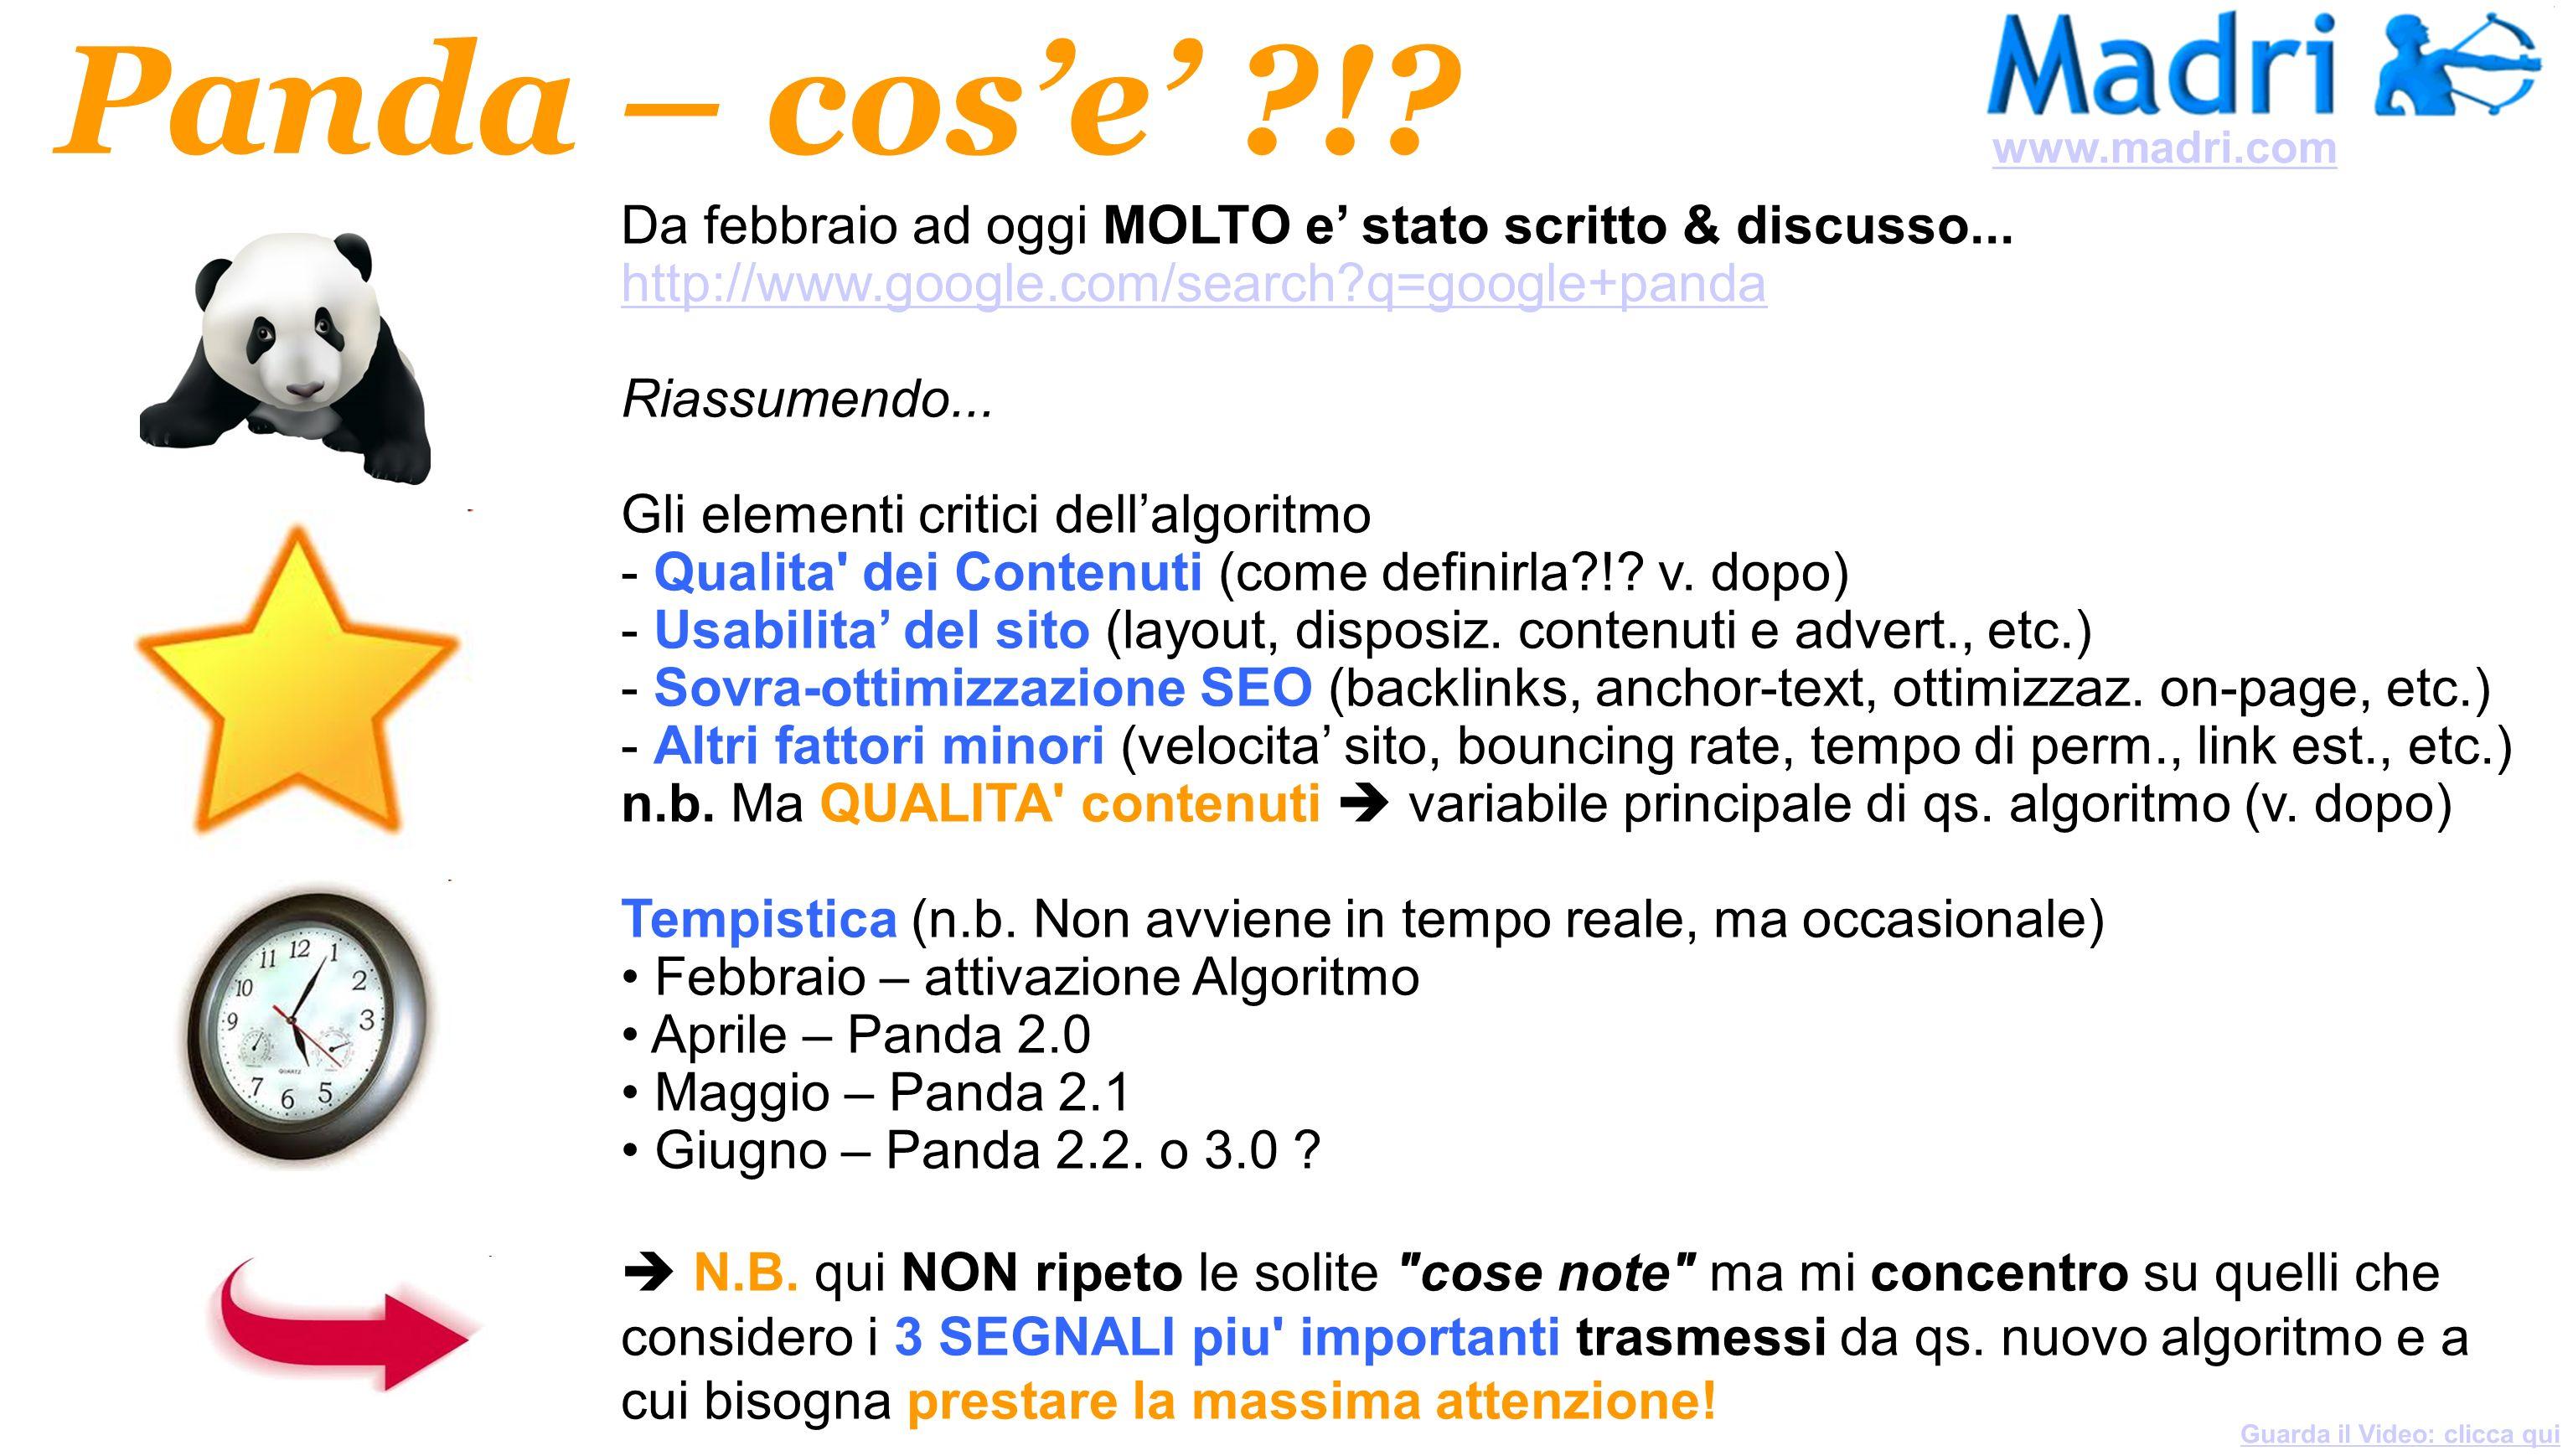 Da febbraio ad oggi MOLTO e stato scritto & discusso... http://www.google.com/search?q=google+panda Riassumendo... Gli elementi critici dellalgoritmo